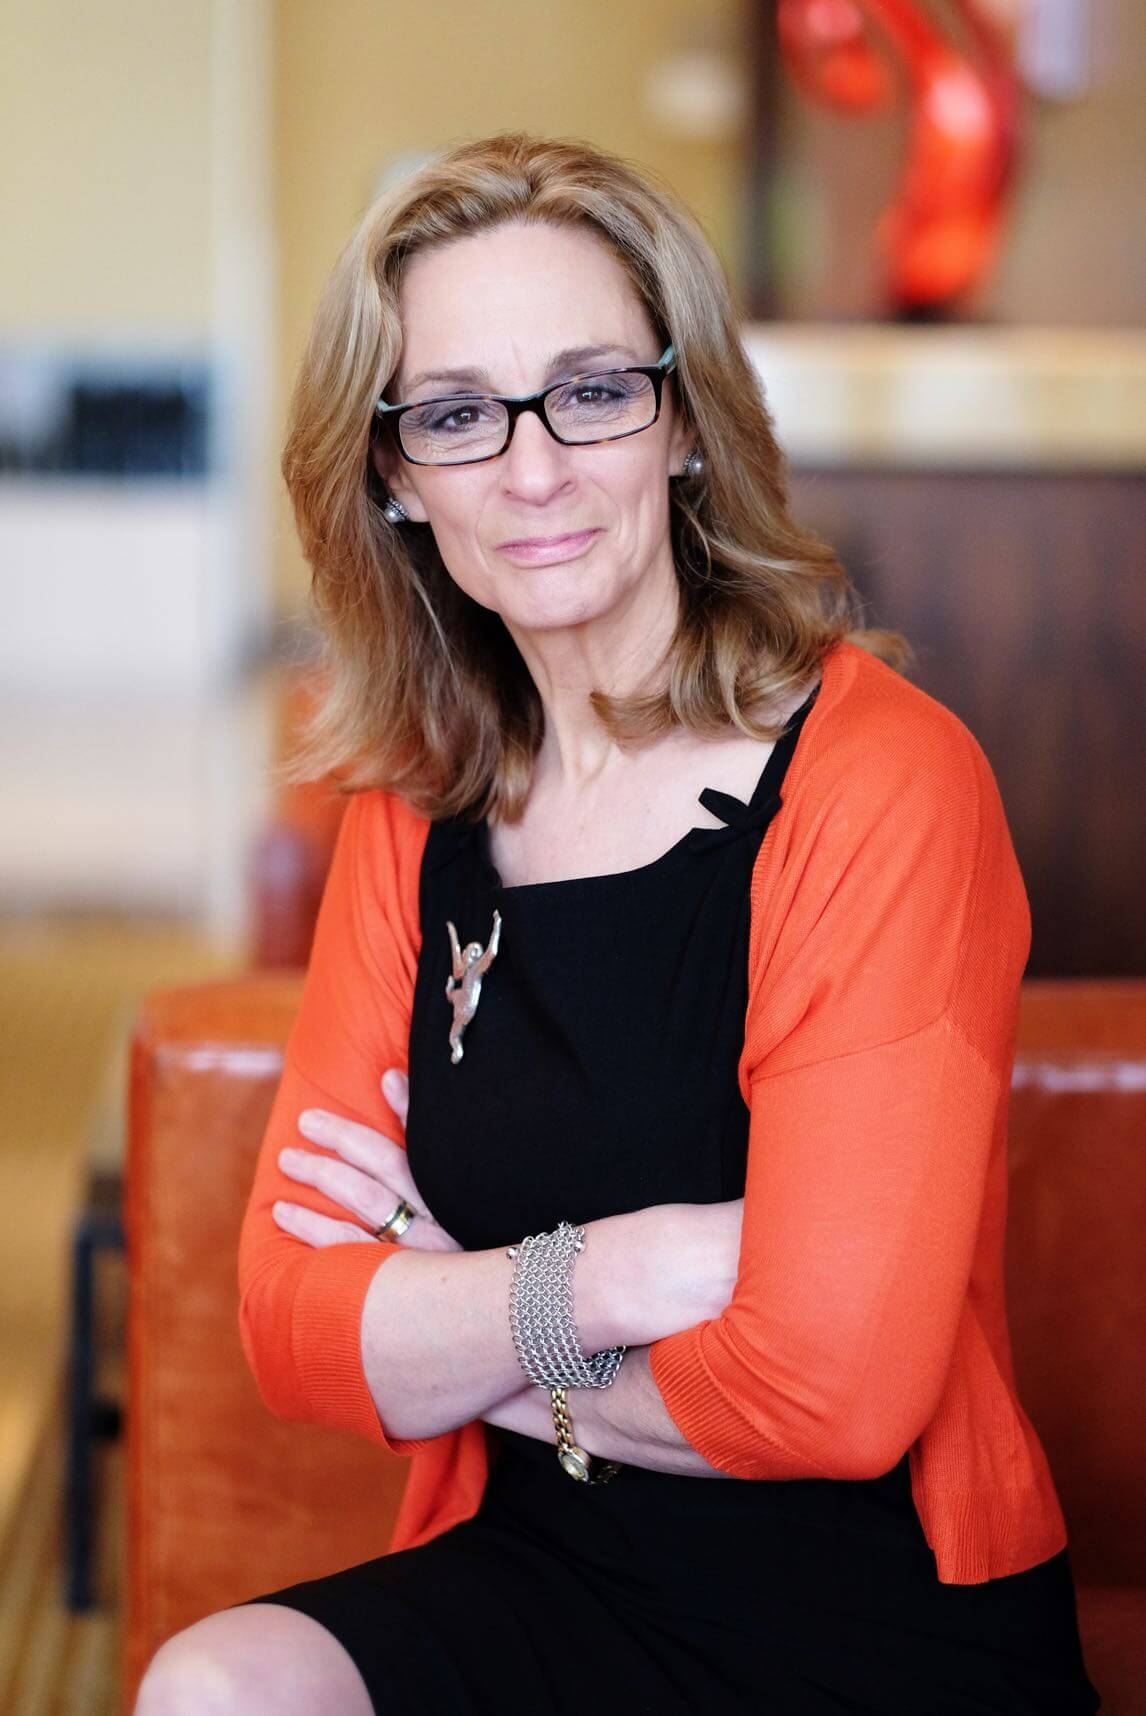 Toni Newman